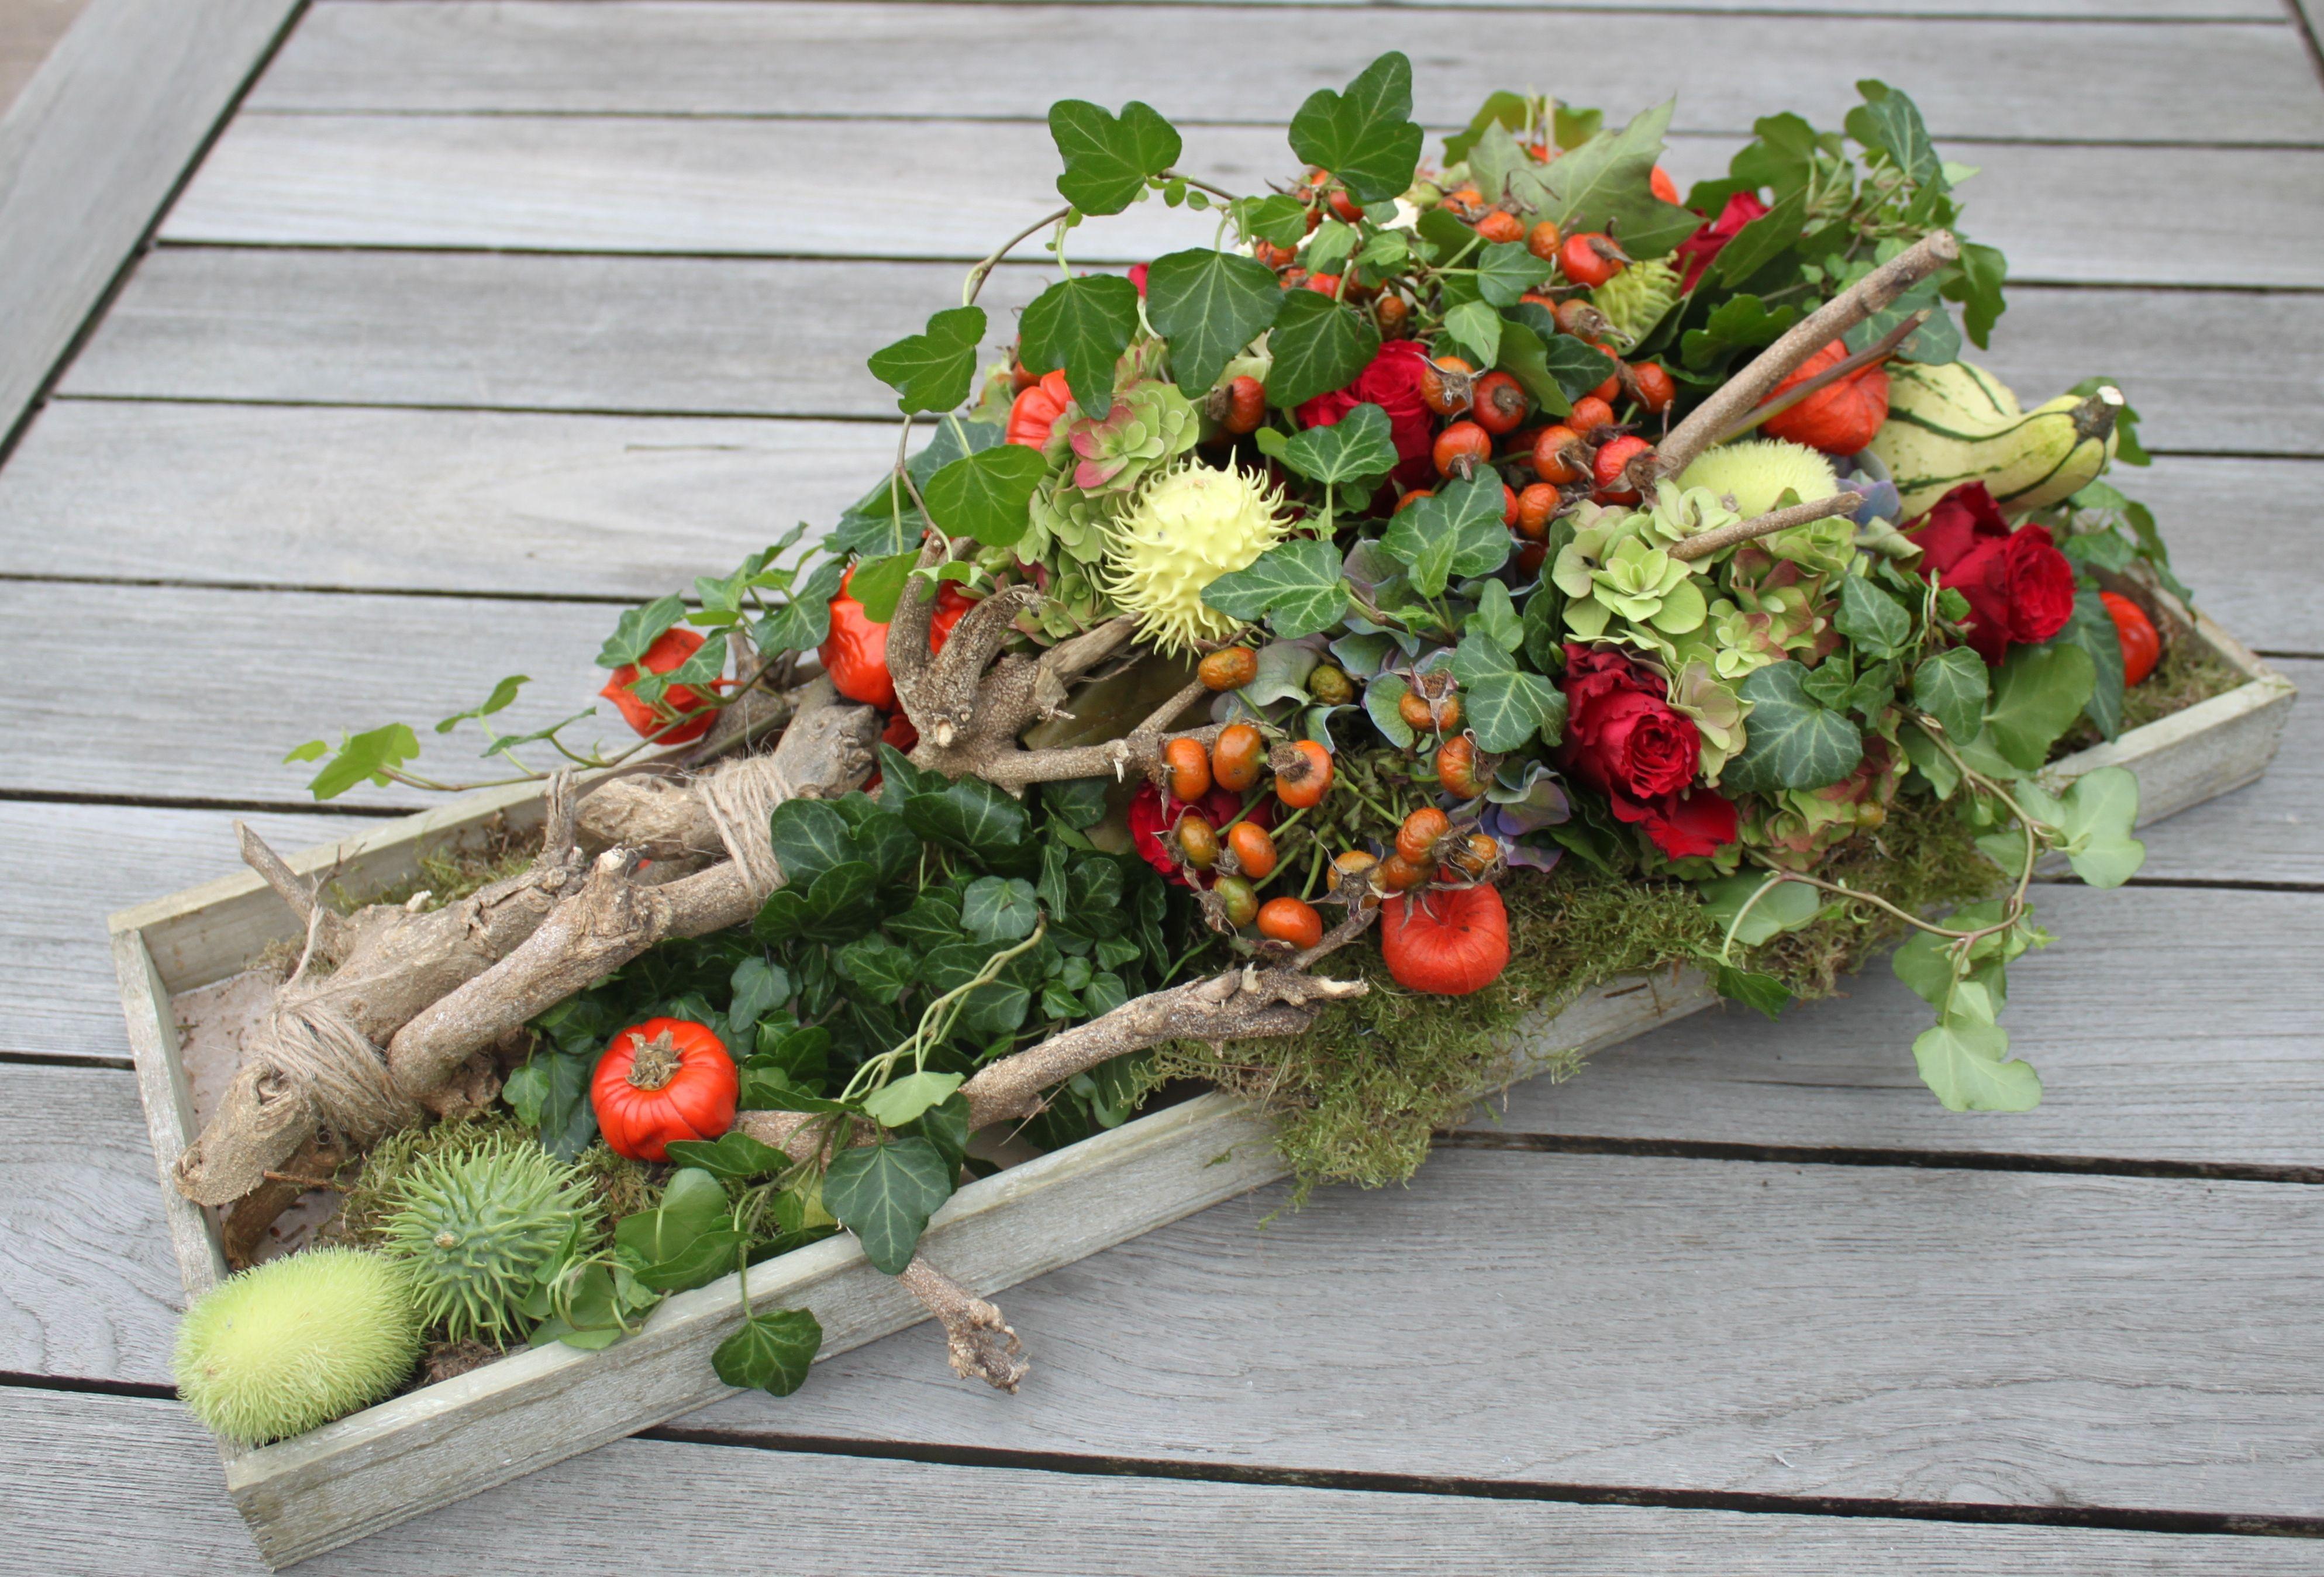 Genoeg Workshops bloemschikken GroenRijk | lente herfst kerst stukken  #EJ73